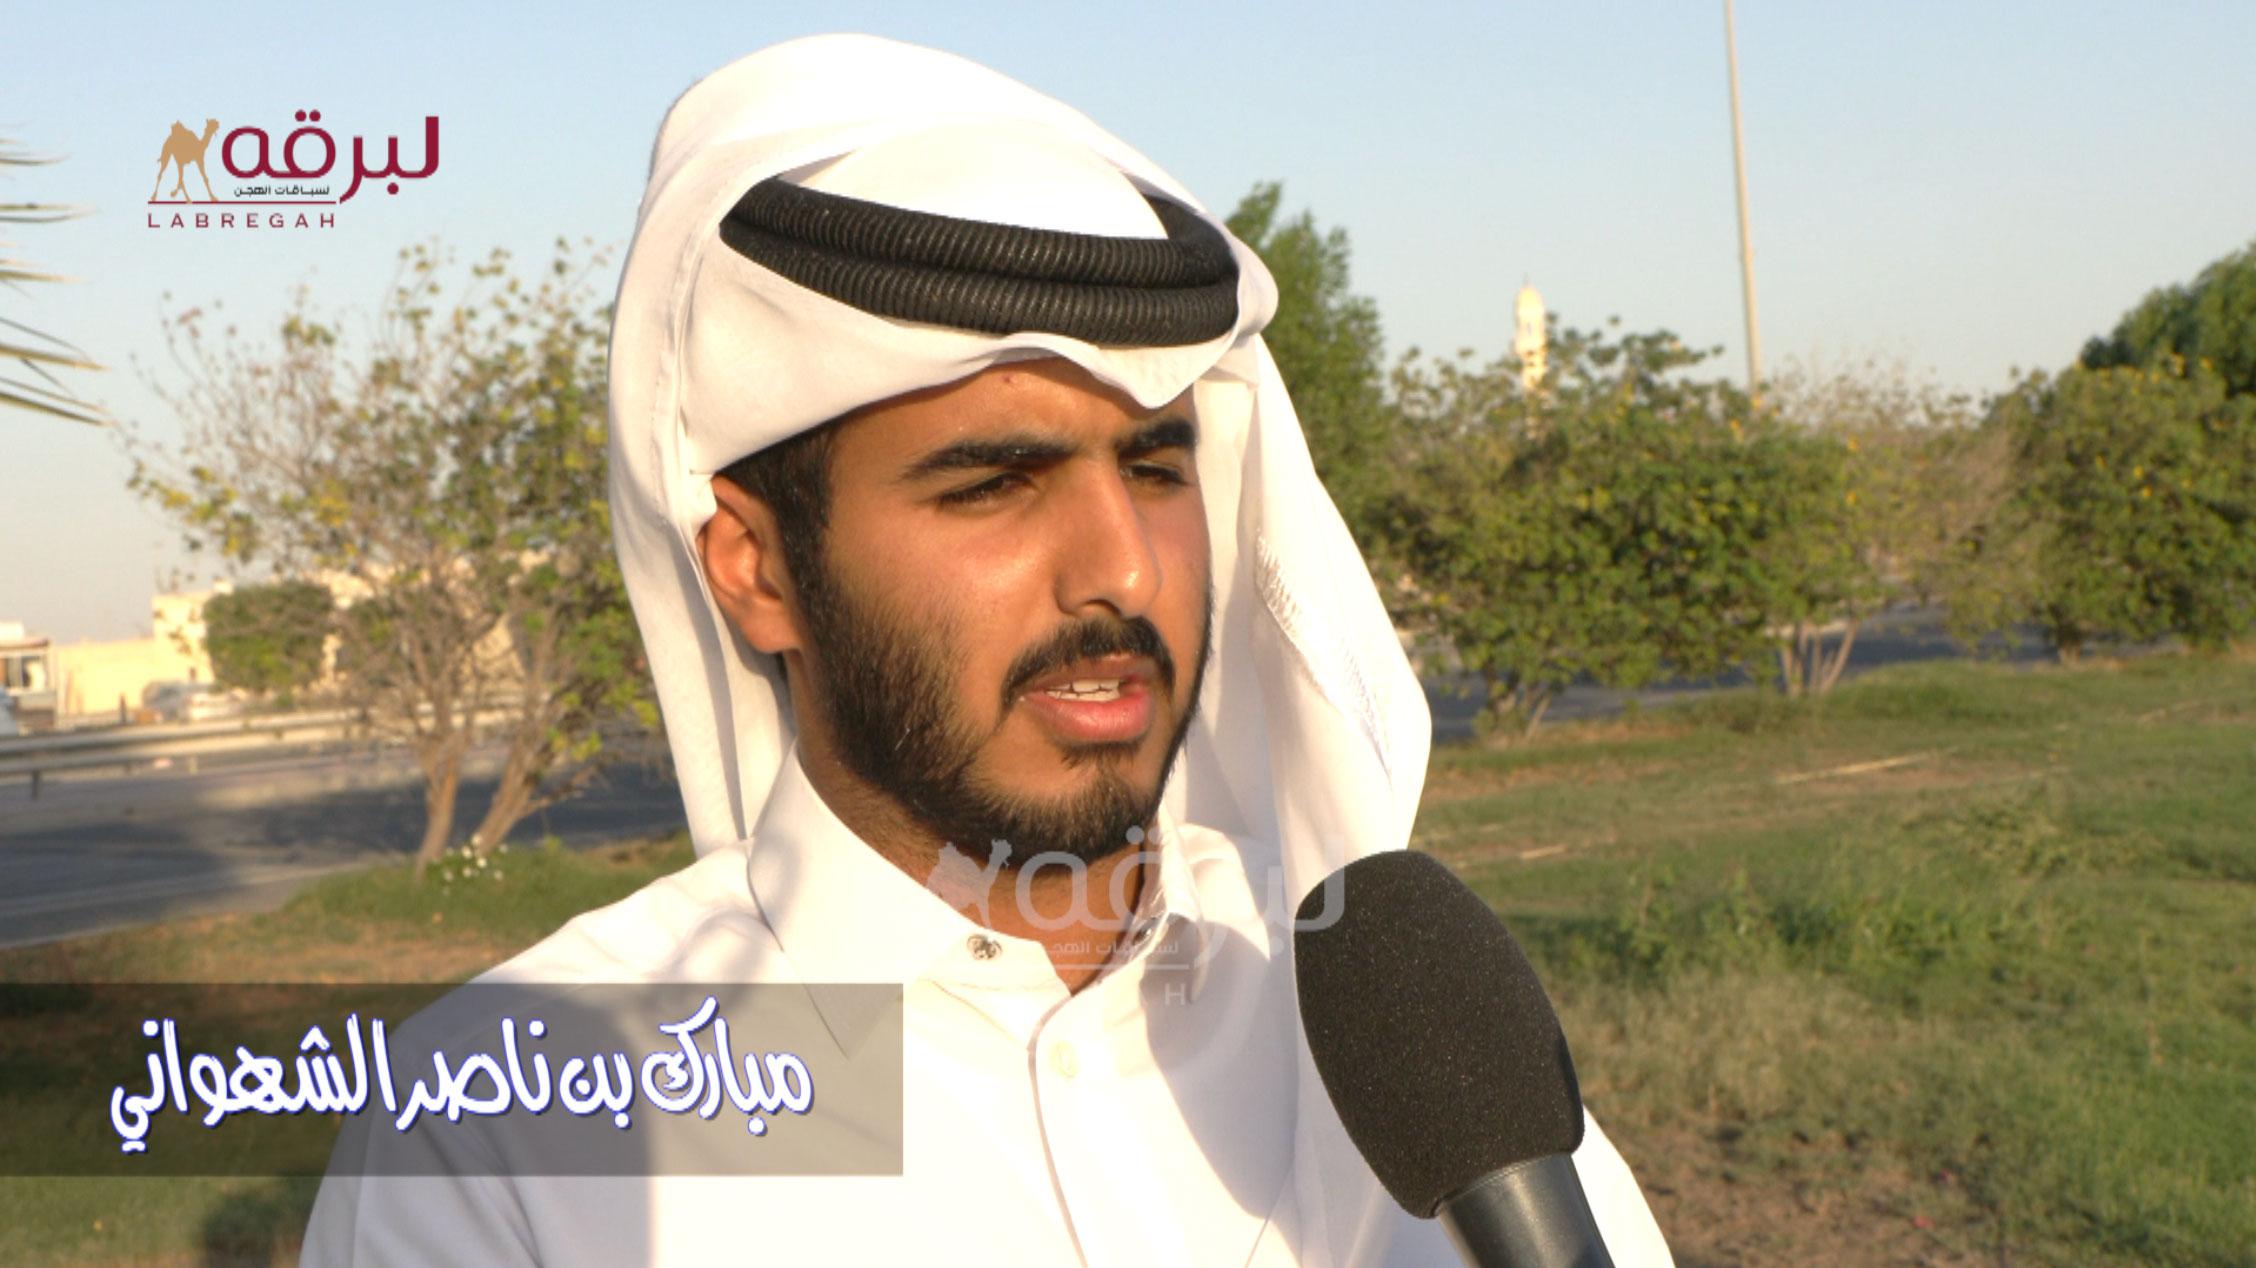 لقاء مع مبارك بن ناصر الشهواني.. الشوط الرئيسي للحقايق بكار (إنتاج) الأشواط المفتوحة  ٢٠-١٠-٢٠٢١